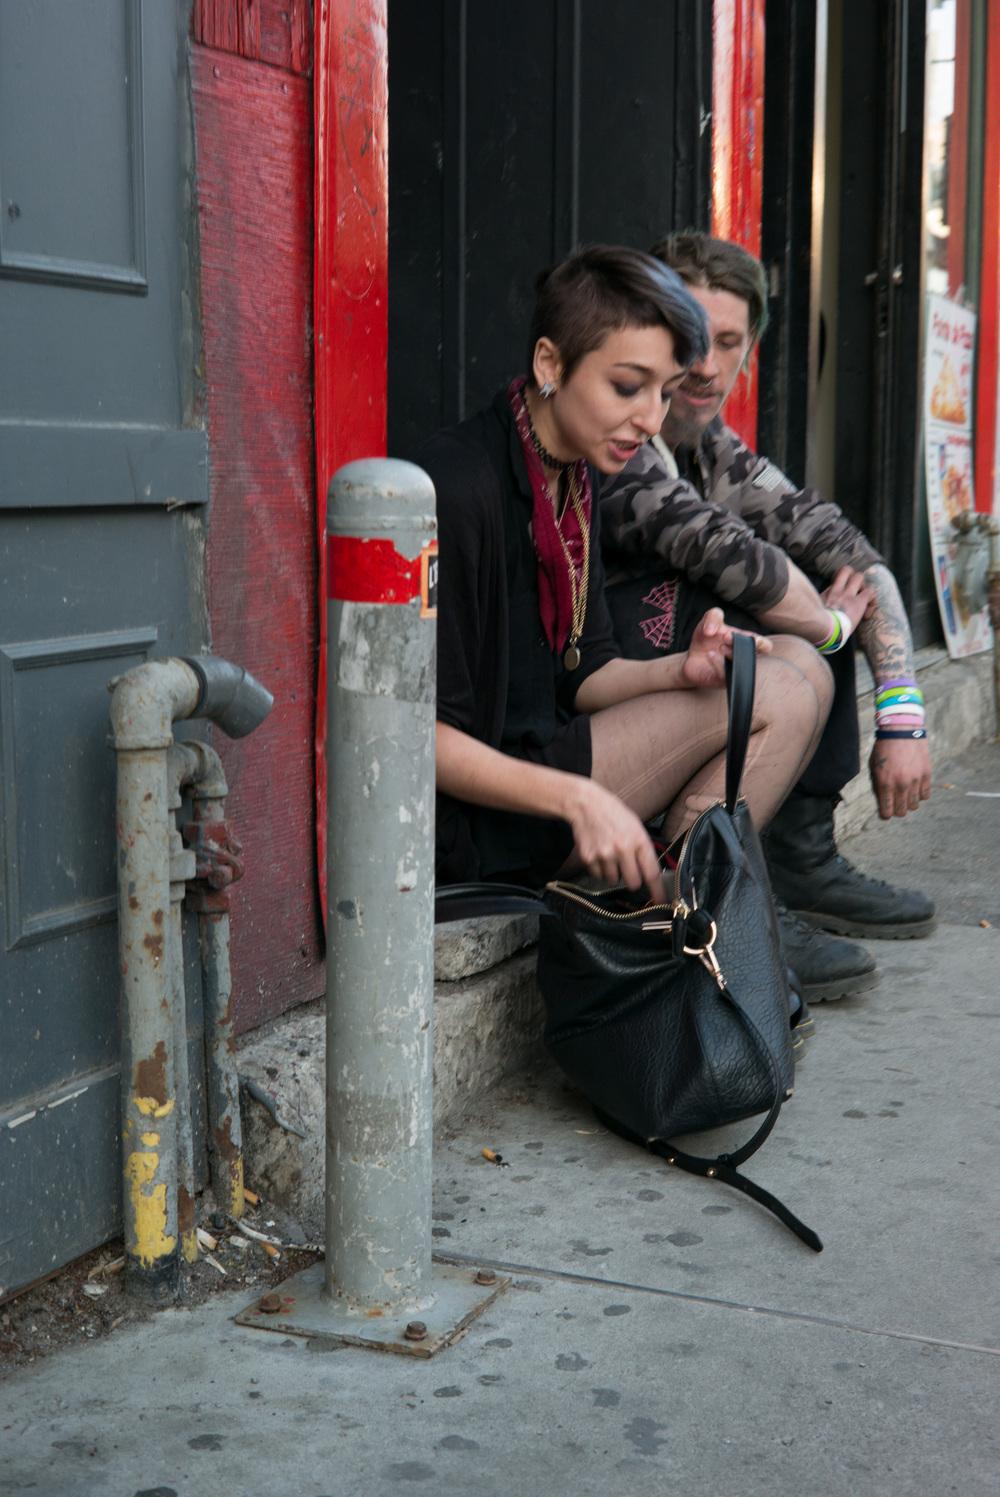 Zeiss Sonnar 50mm f/1 5 ZM Lens - Street Photography - LEICA